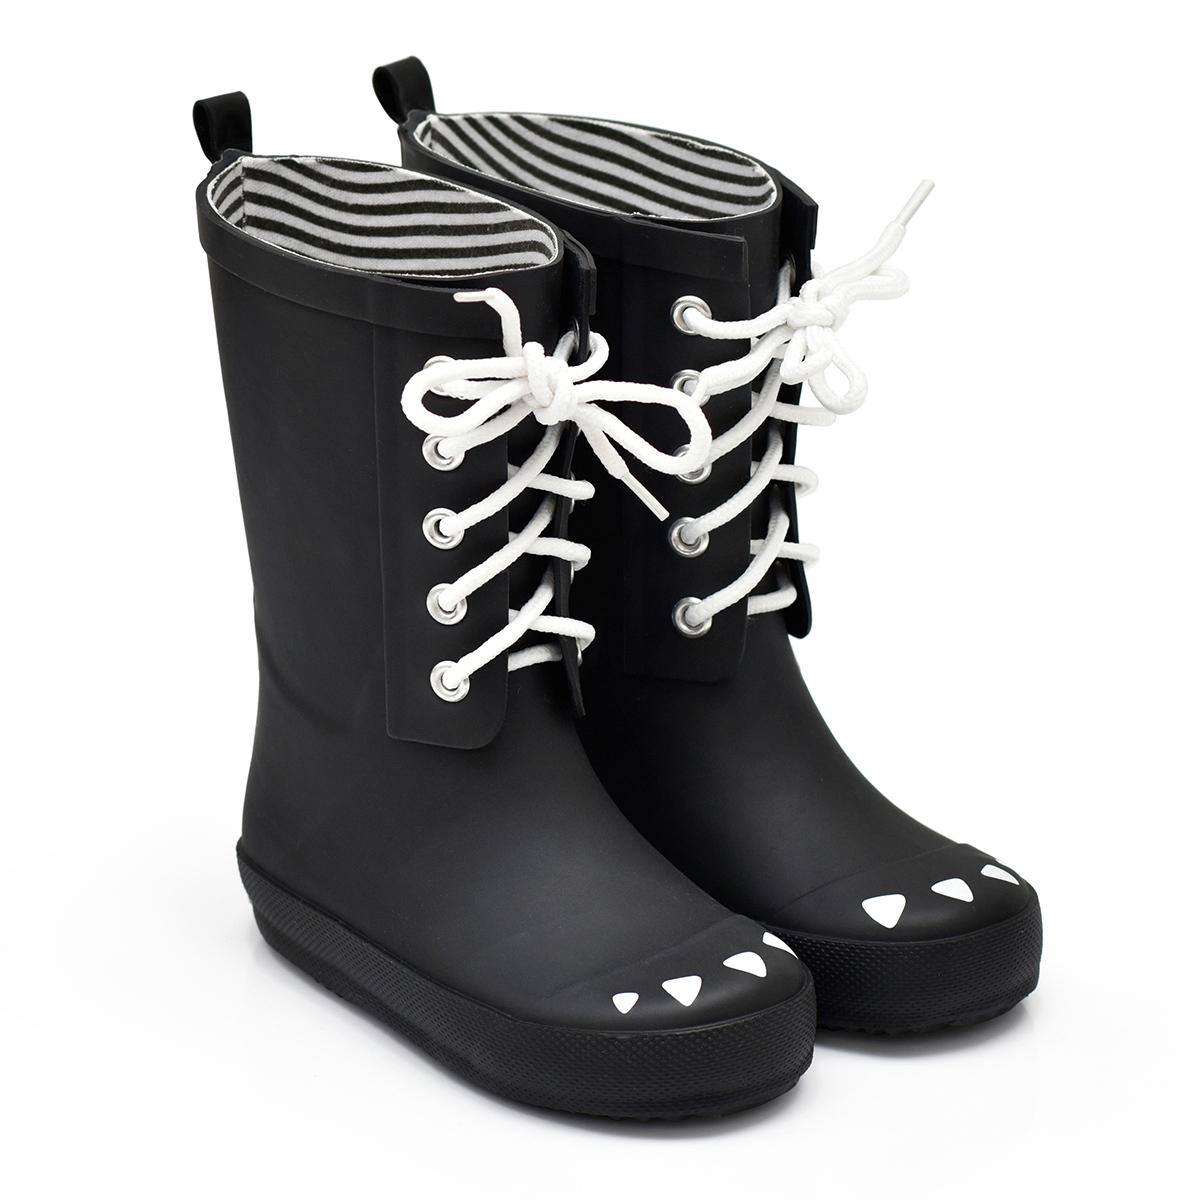 Chaussons & Chaussures Bottes Kerran Noir - 26 Bottes Kerran Noir - 26